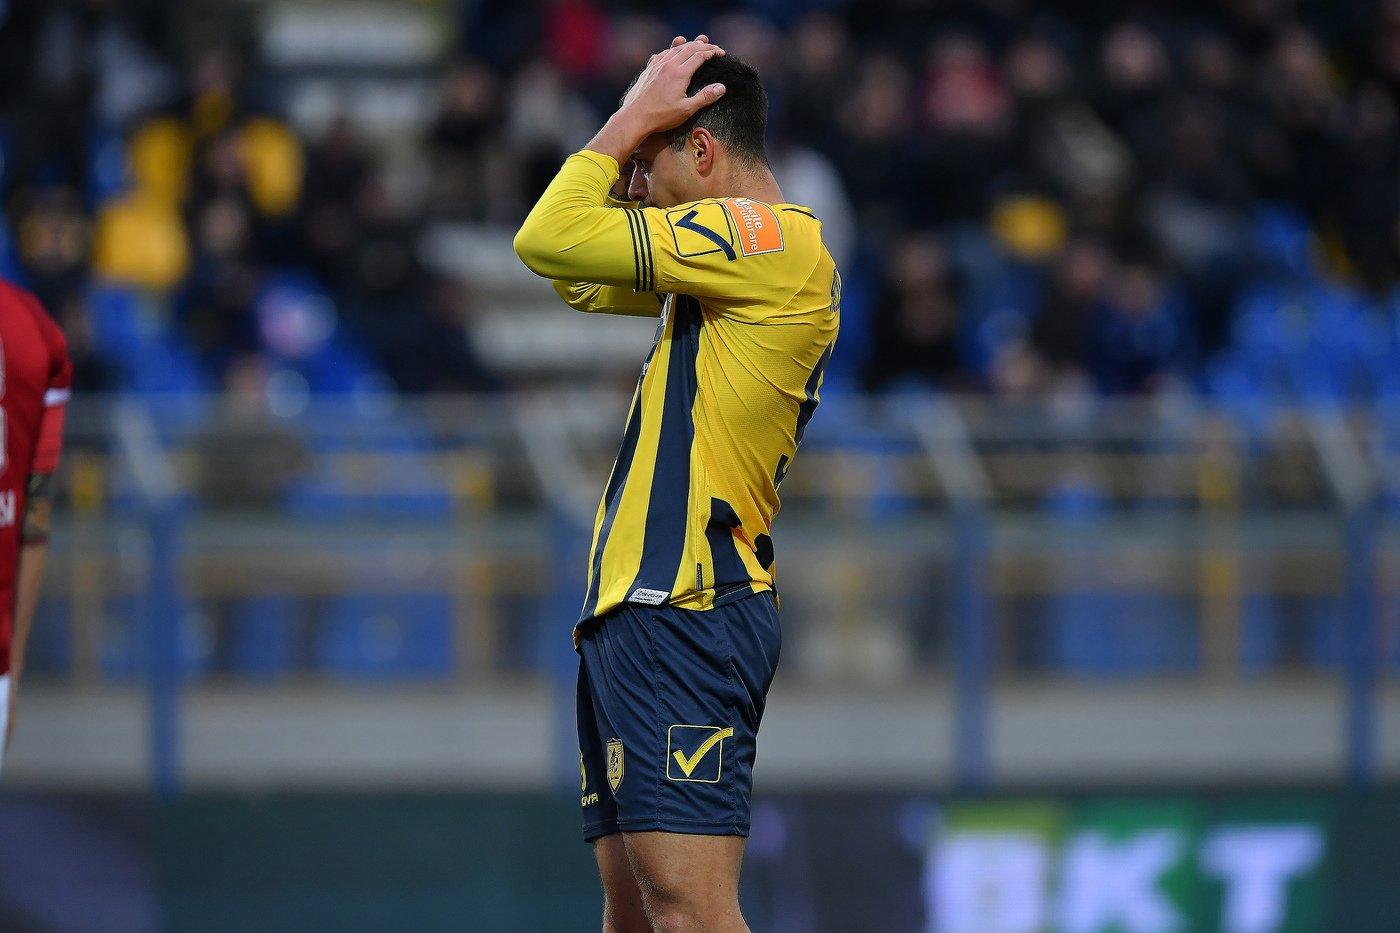 Calciomercato Lazio, trovato l'accordo con la Viterbese per ...